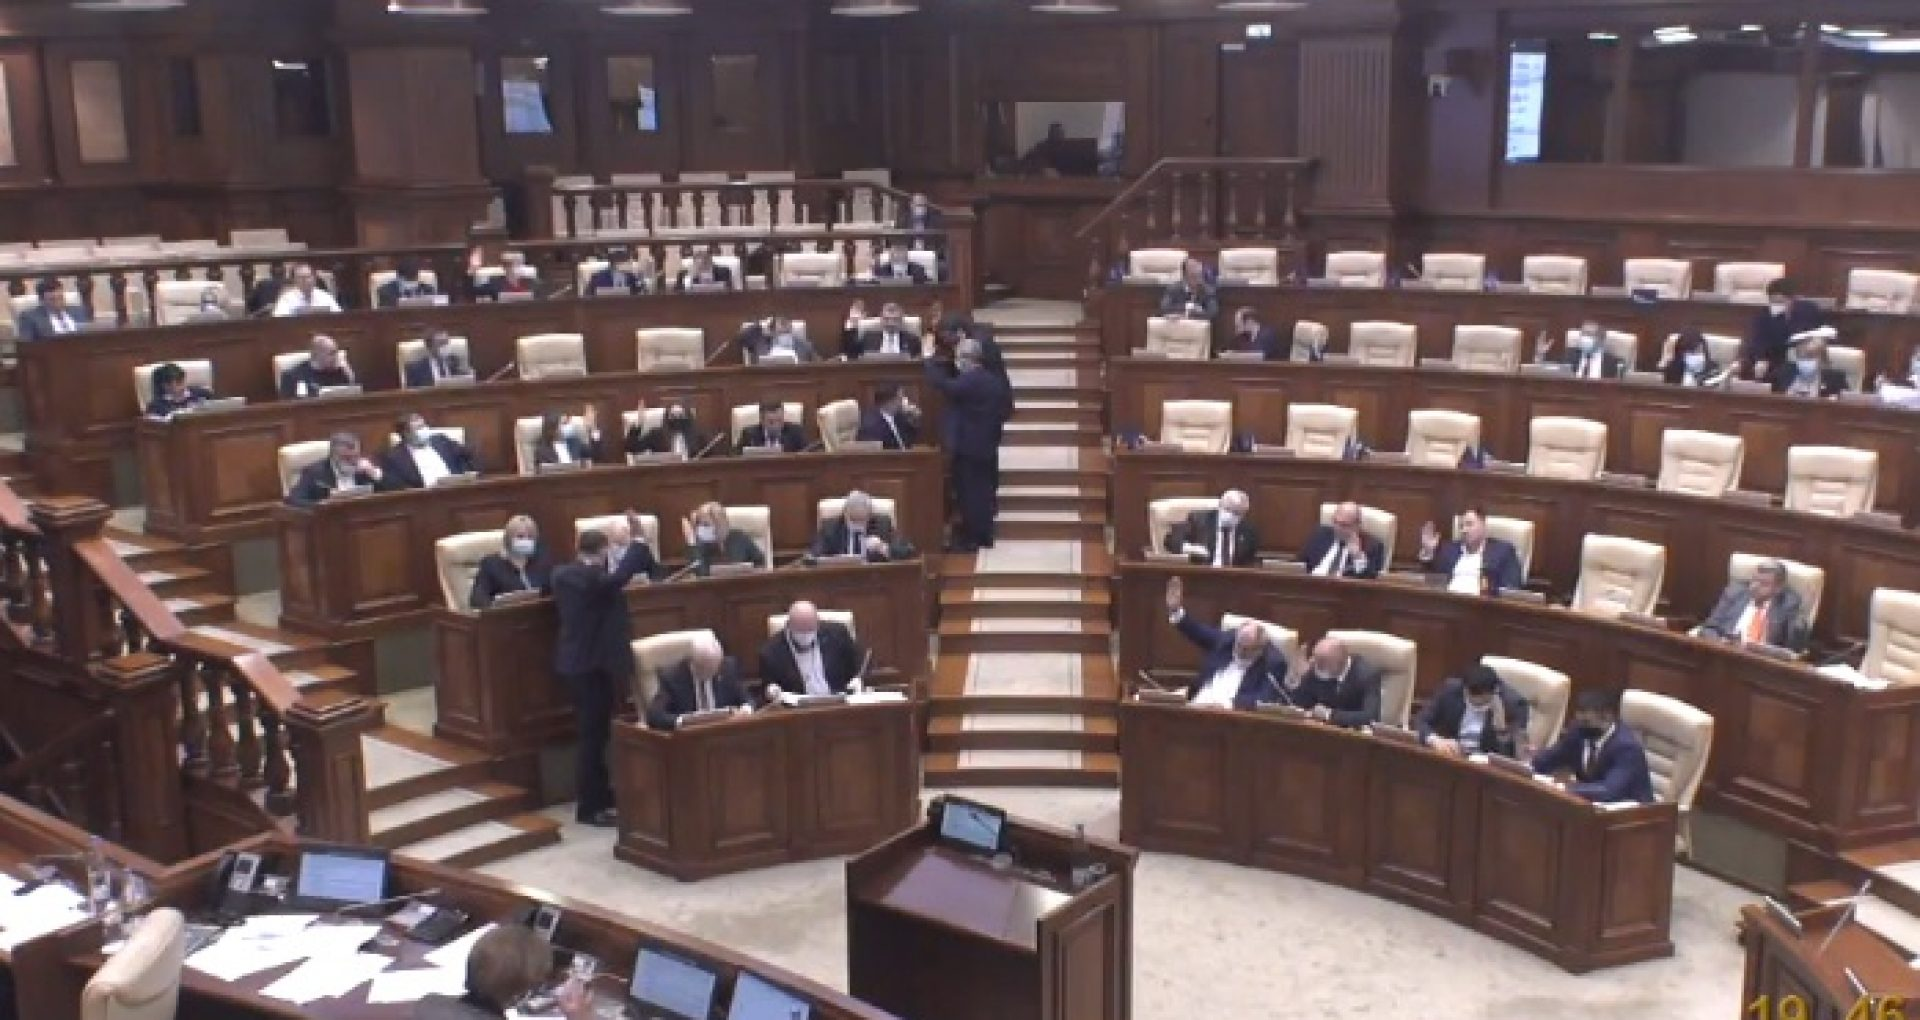 DOC/ Deși ANI și-a exprimat îngrijorarea și a avizat negativ documentul, deputații PSRM-Șor au votat proiectul pentru modificarea legii cu privire la ANI